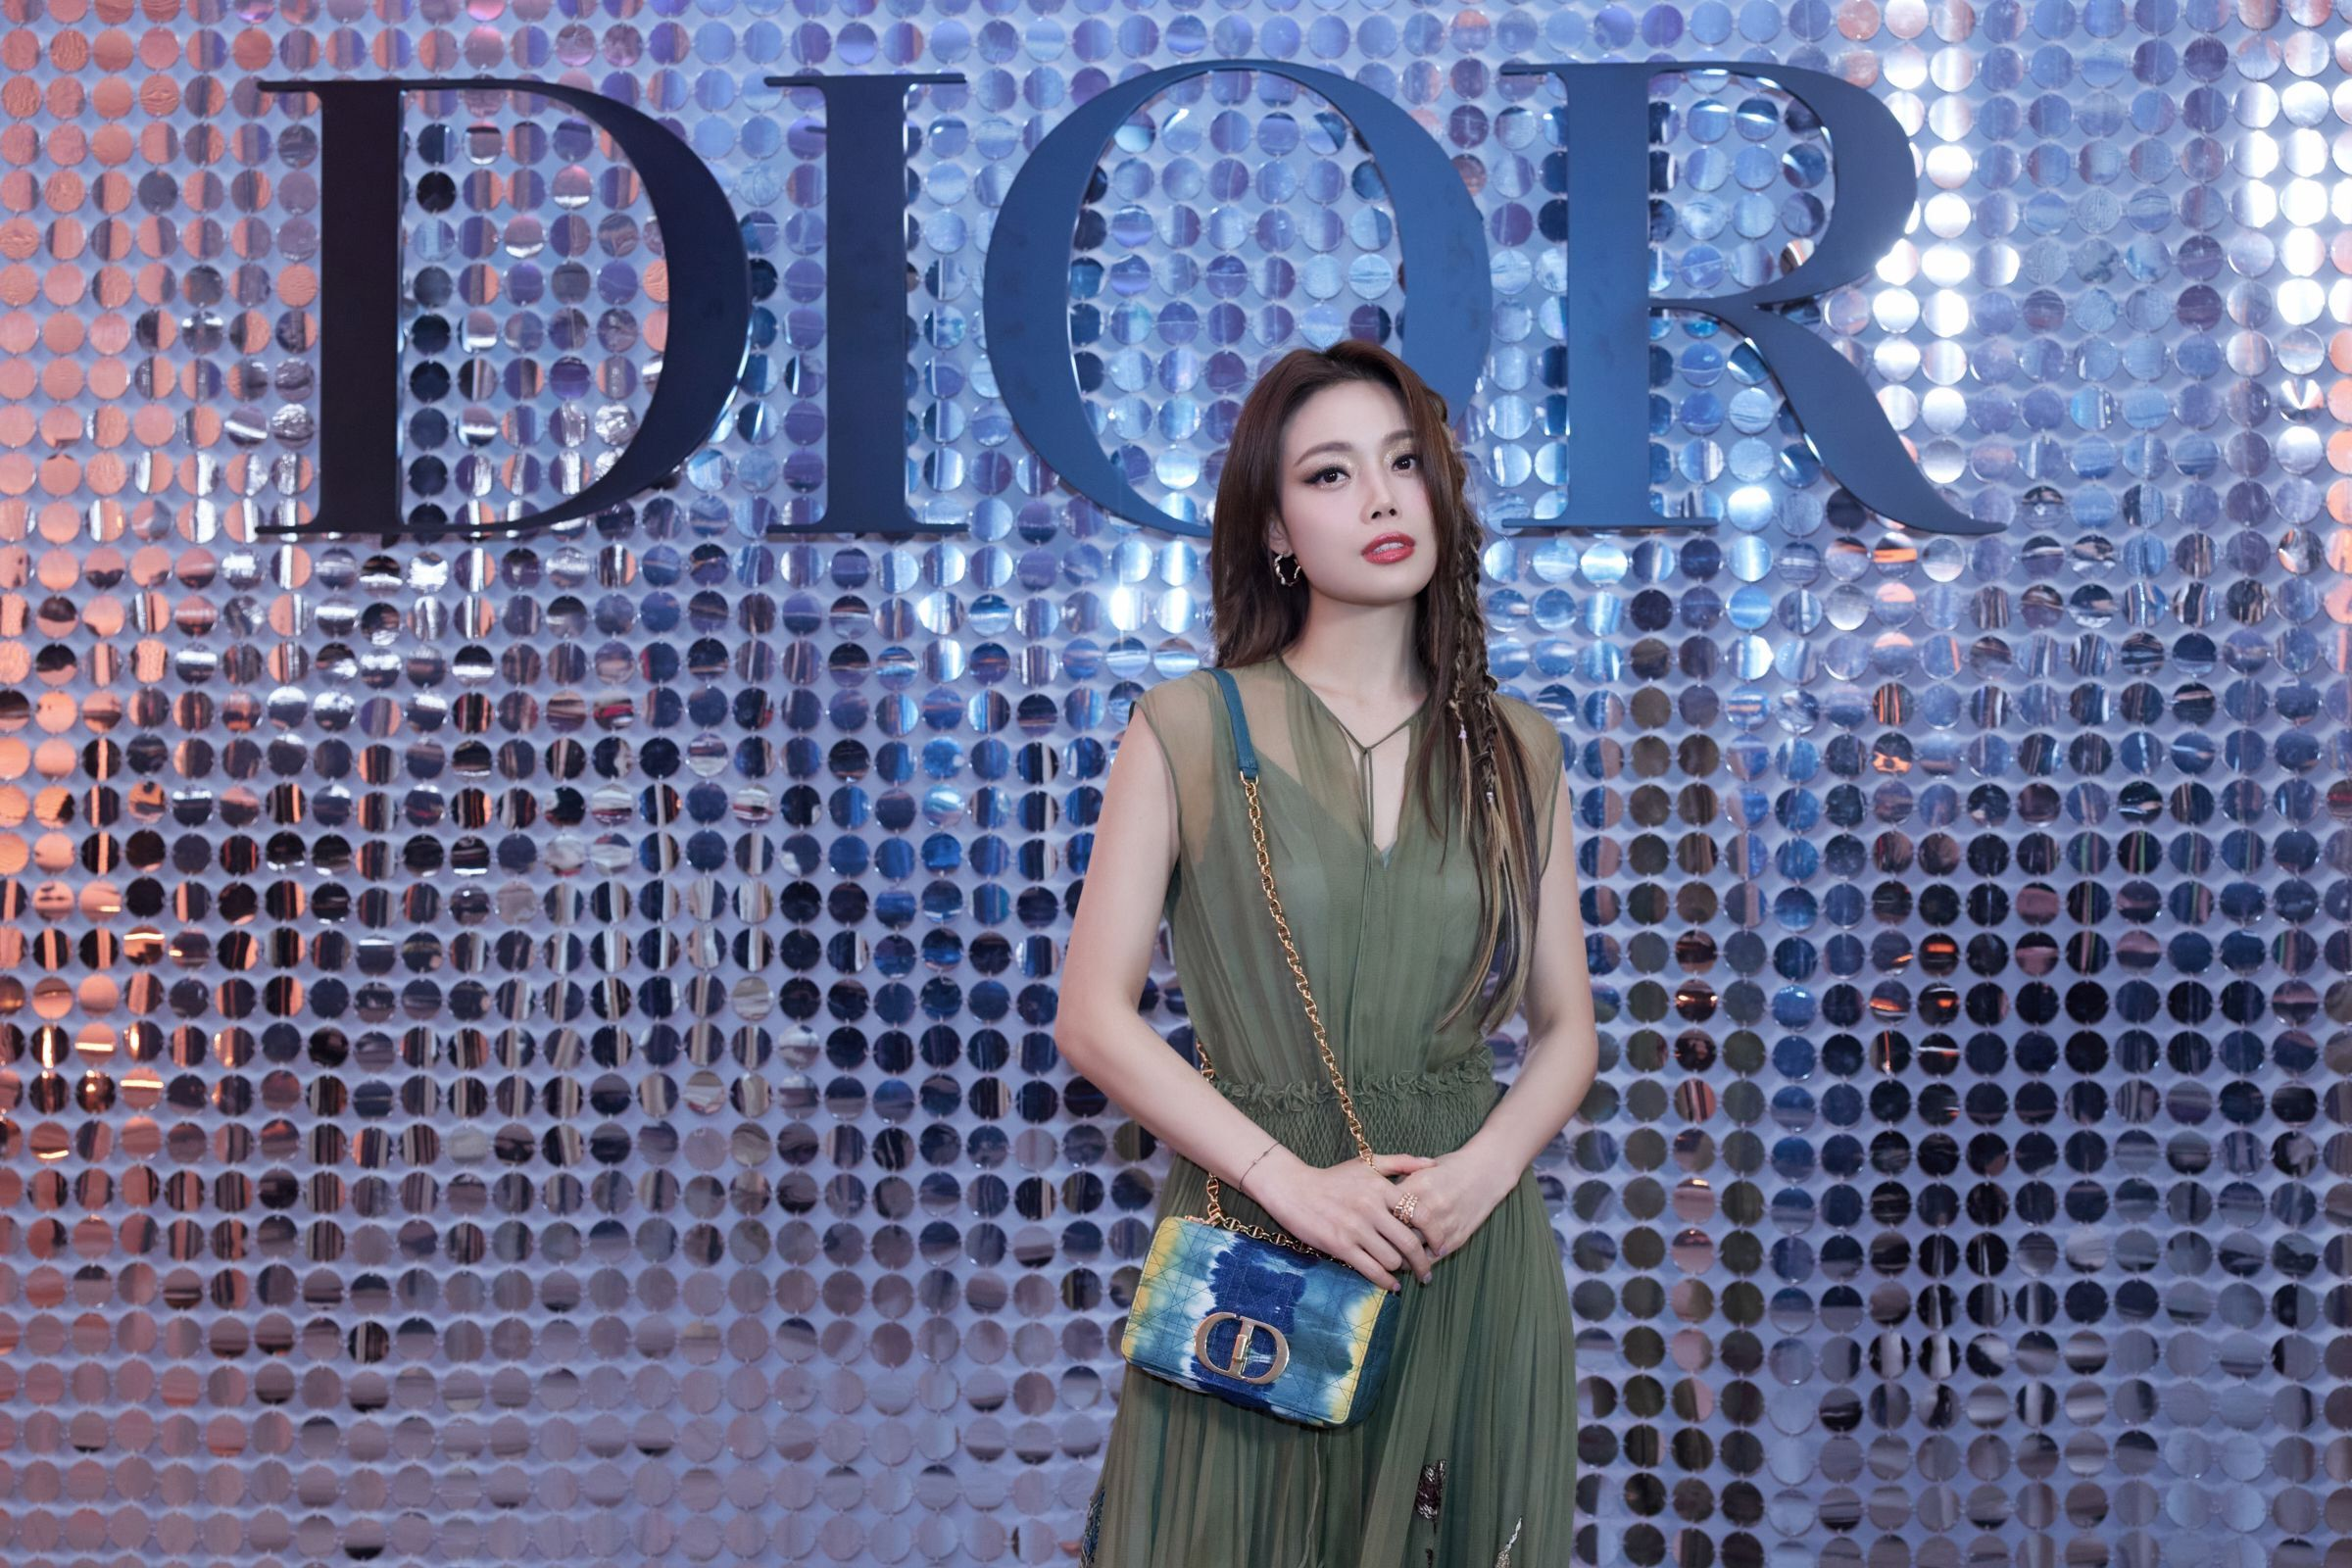 容祖儿受邀出席Dior大秀 高定蓝色亮片裙酷飒撩人